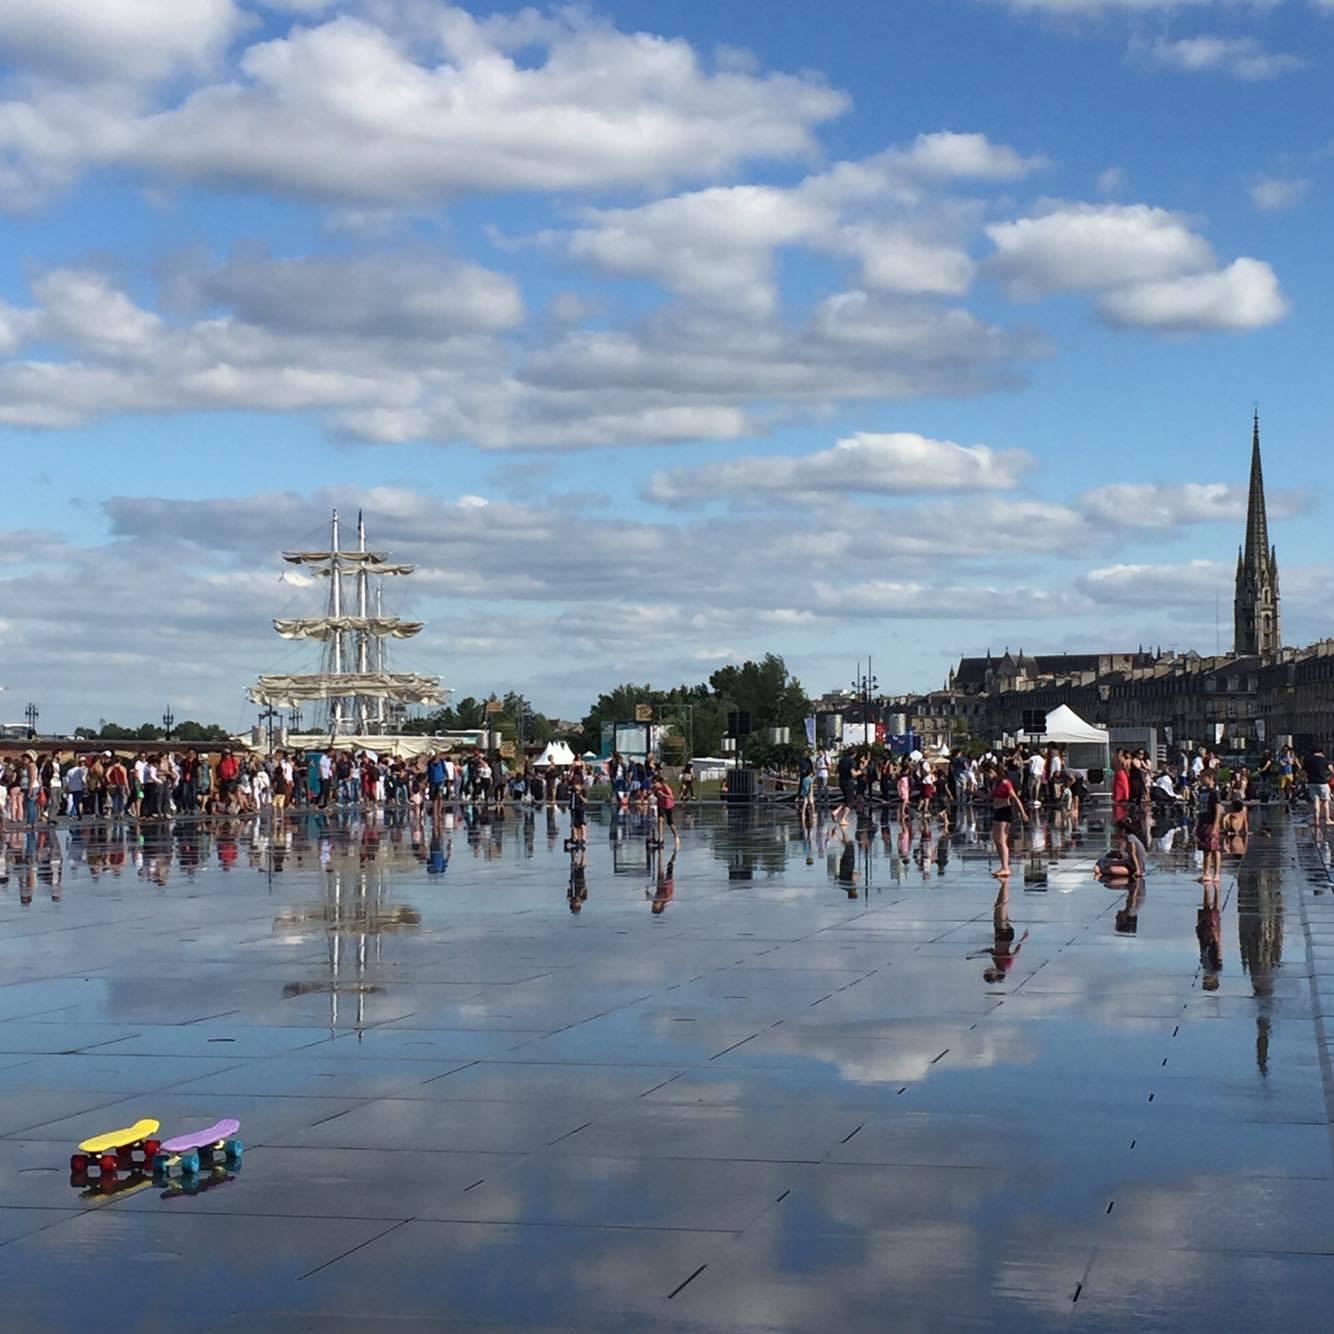 bordeaux miroir d'eau - 100 bons plans bordeaux city guide Camille In Bordeaux